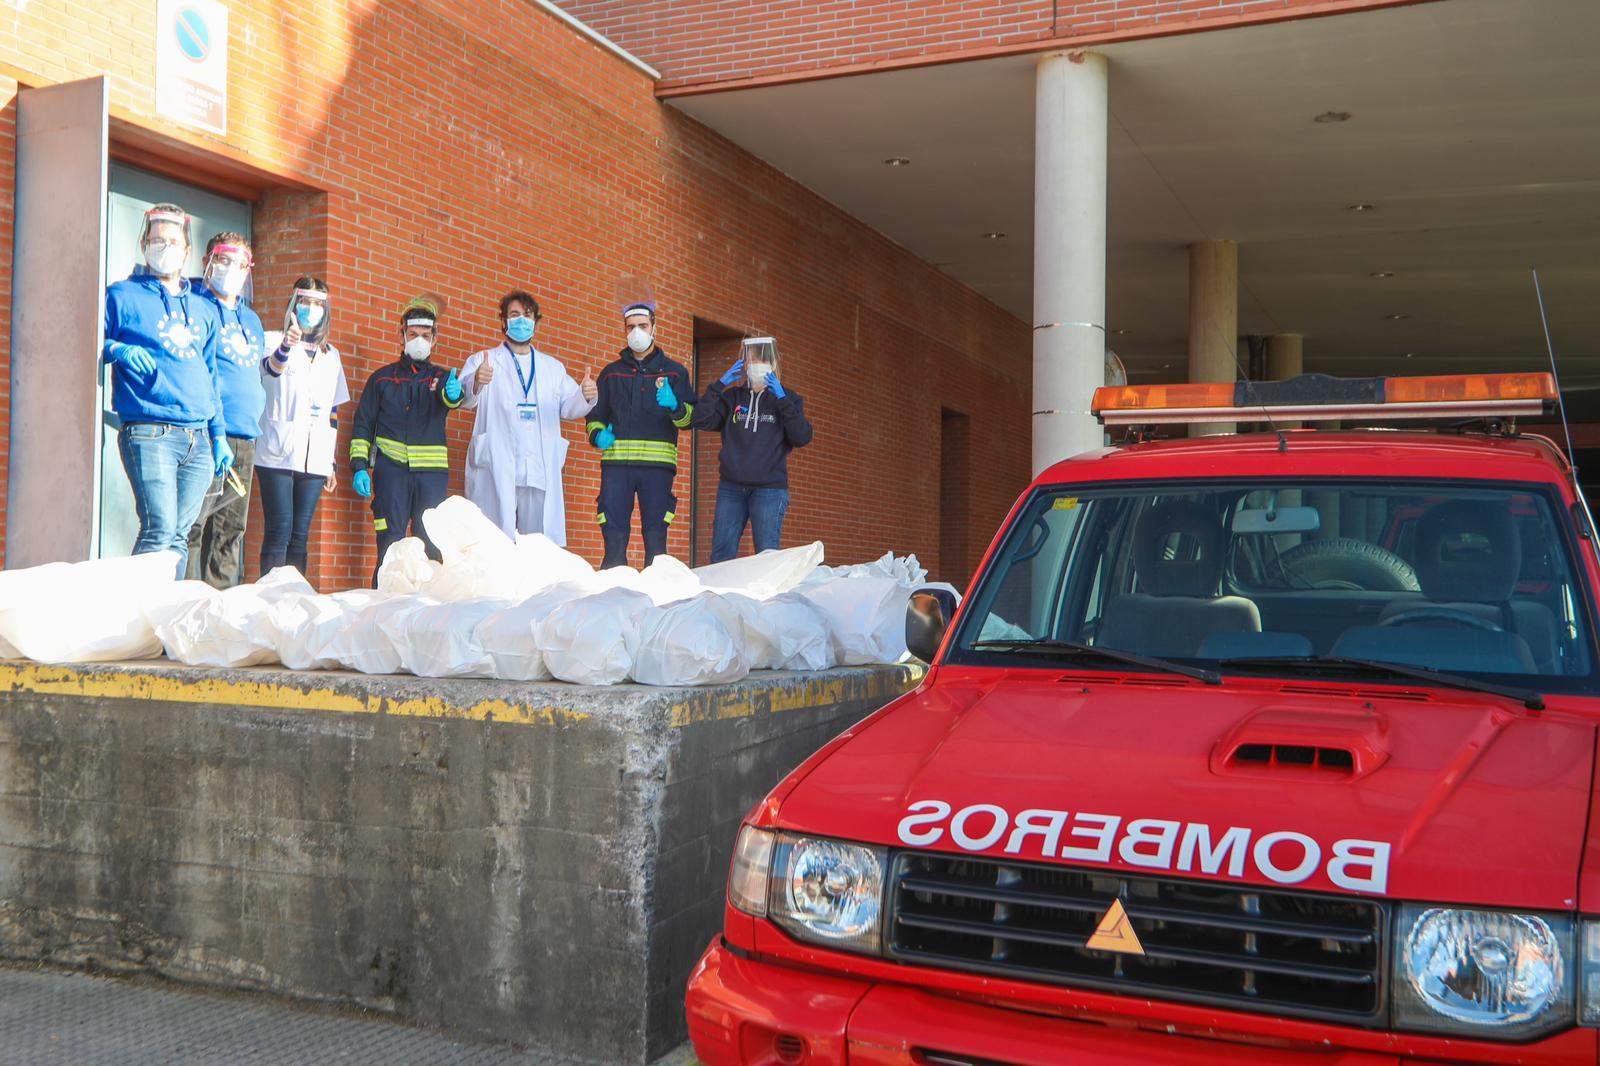 Entregadas 700 pantallas contra el COVID 19 al Hospital del Bierzo y más de 900 en otros centros de la comarca 1